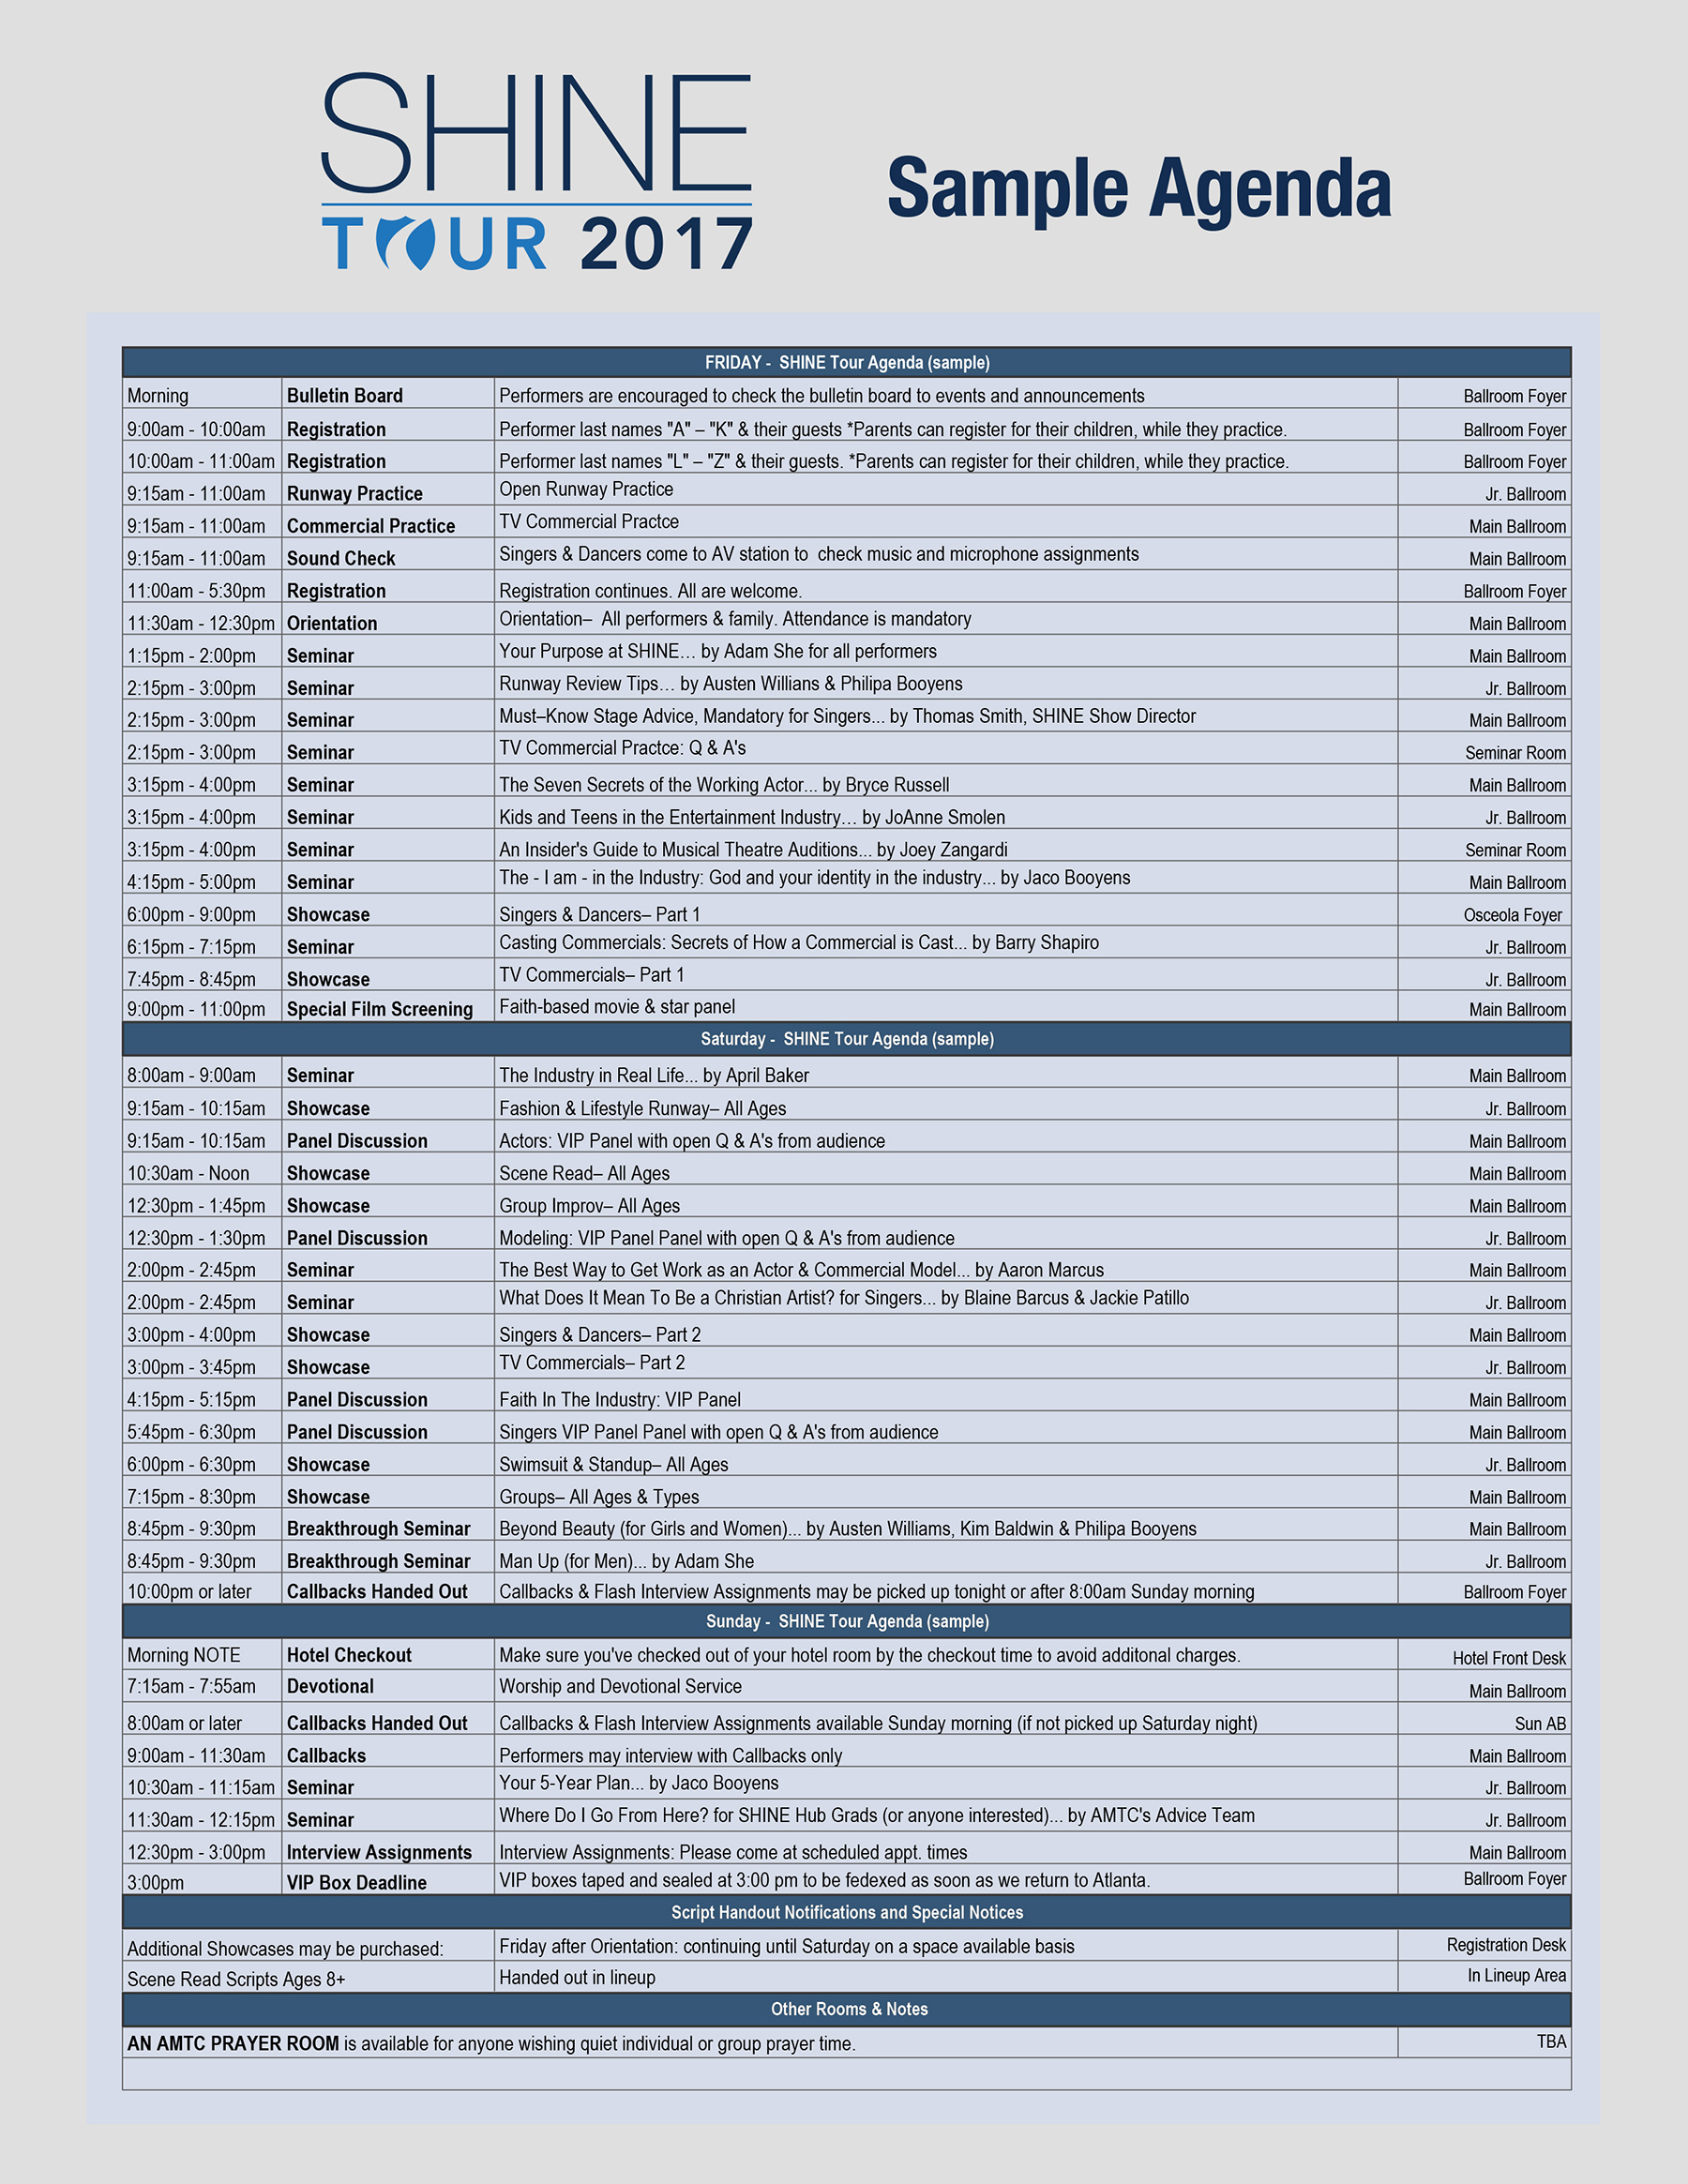 Download Sample Agenda